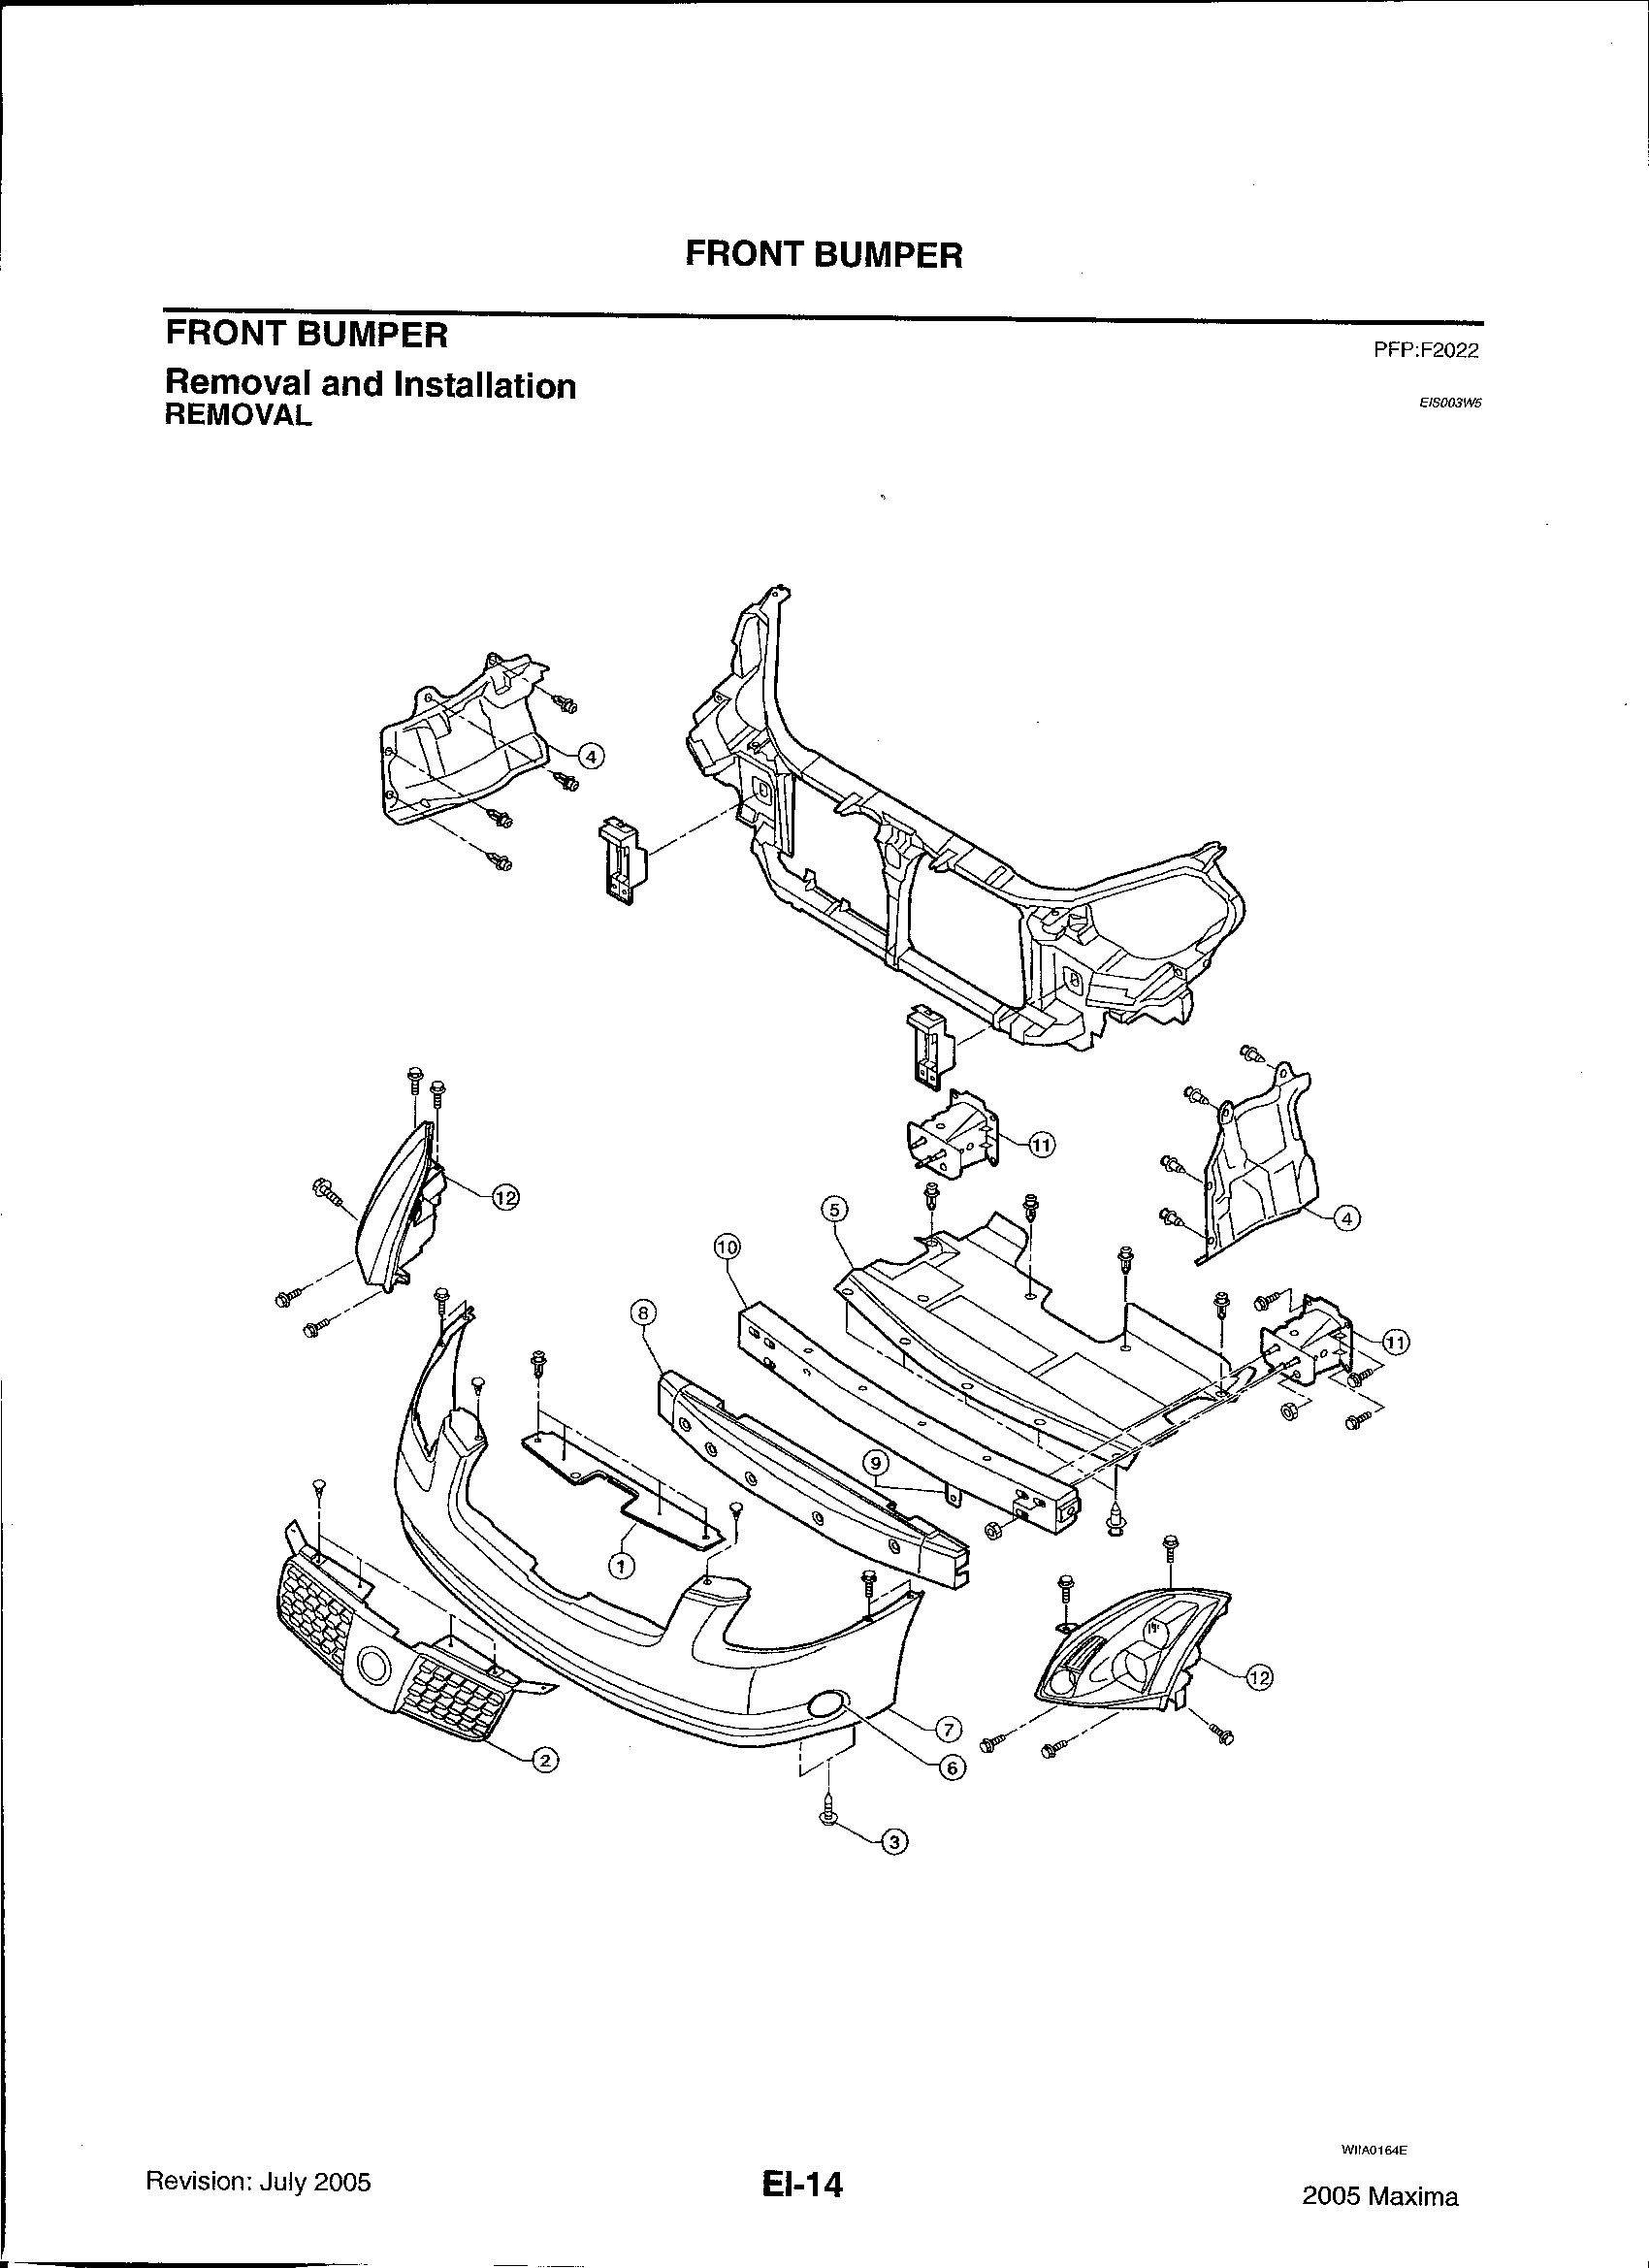 2005 nissan pathfinder headlight wiring diagram wiring diagram and Nissan Pathfinder Fuse Diagram 2003 nissan pathfinder front per diagram wiring diagram blog rh 8 fuerstliche weine de nissan pathfinder